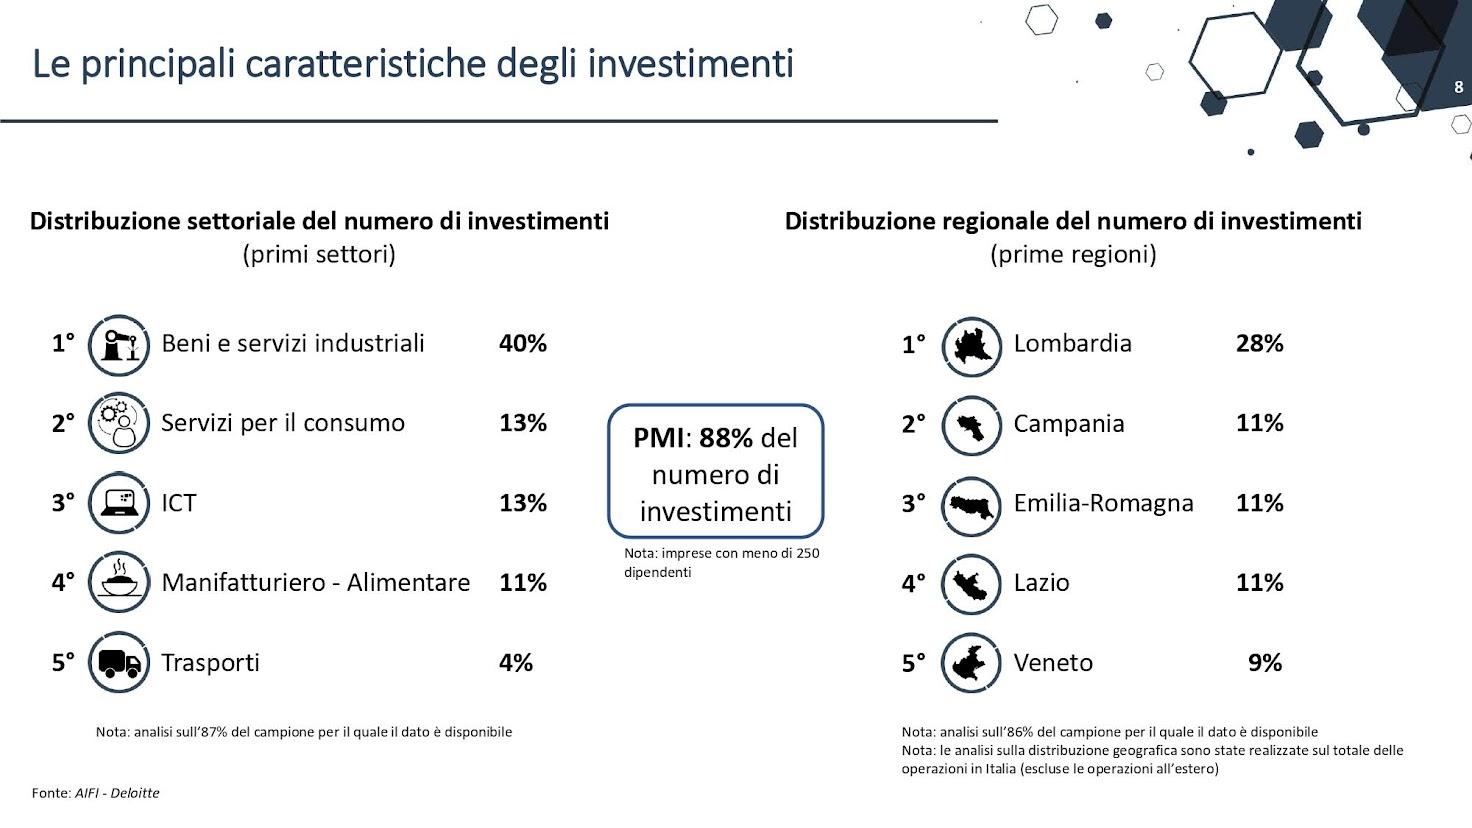 Dati private debt - Fonte AIFI-Deloitte